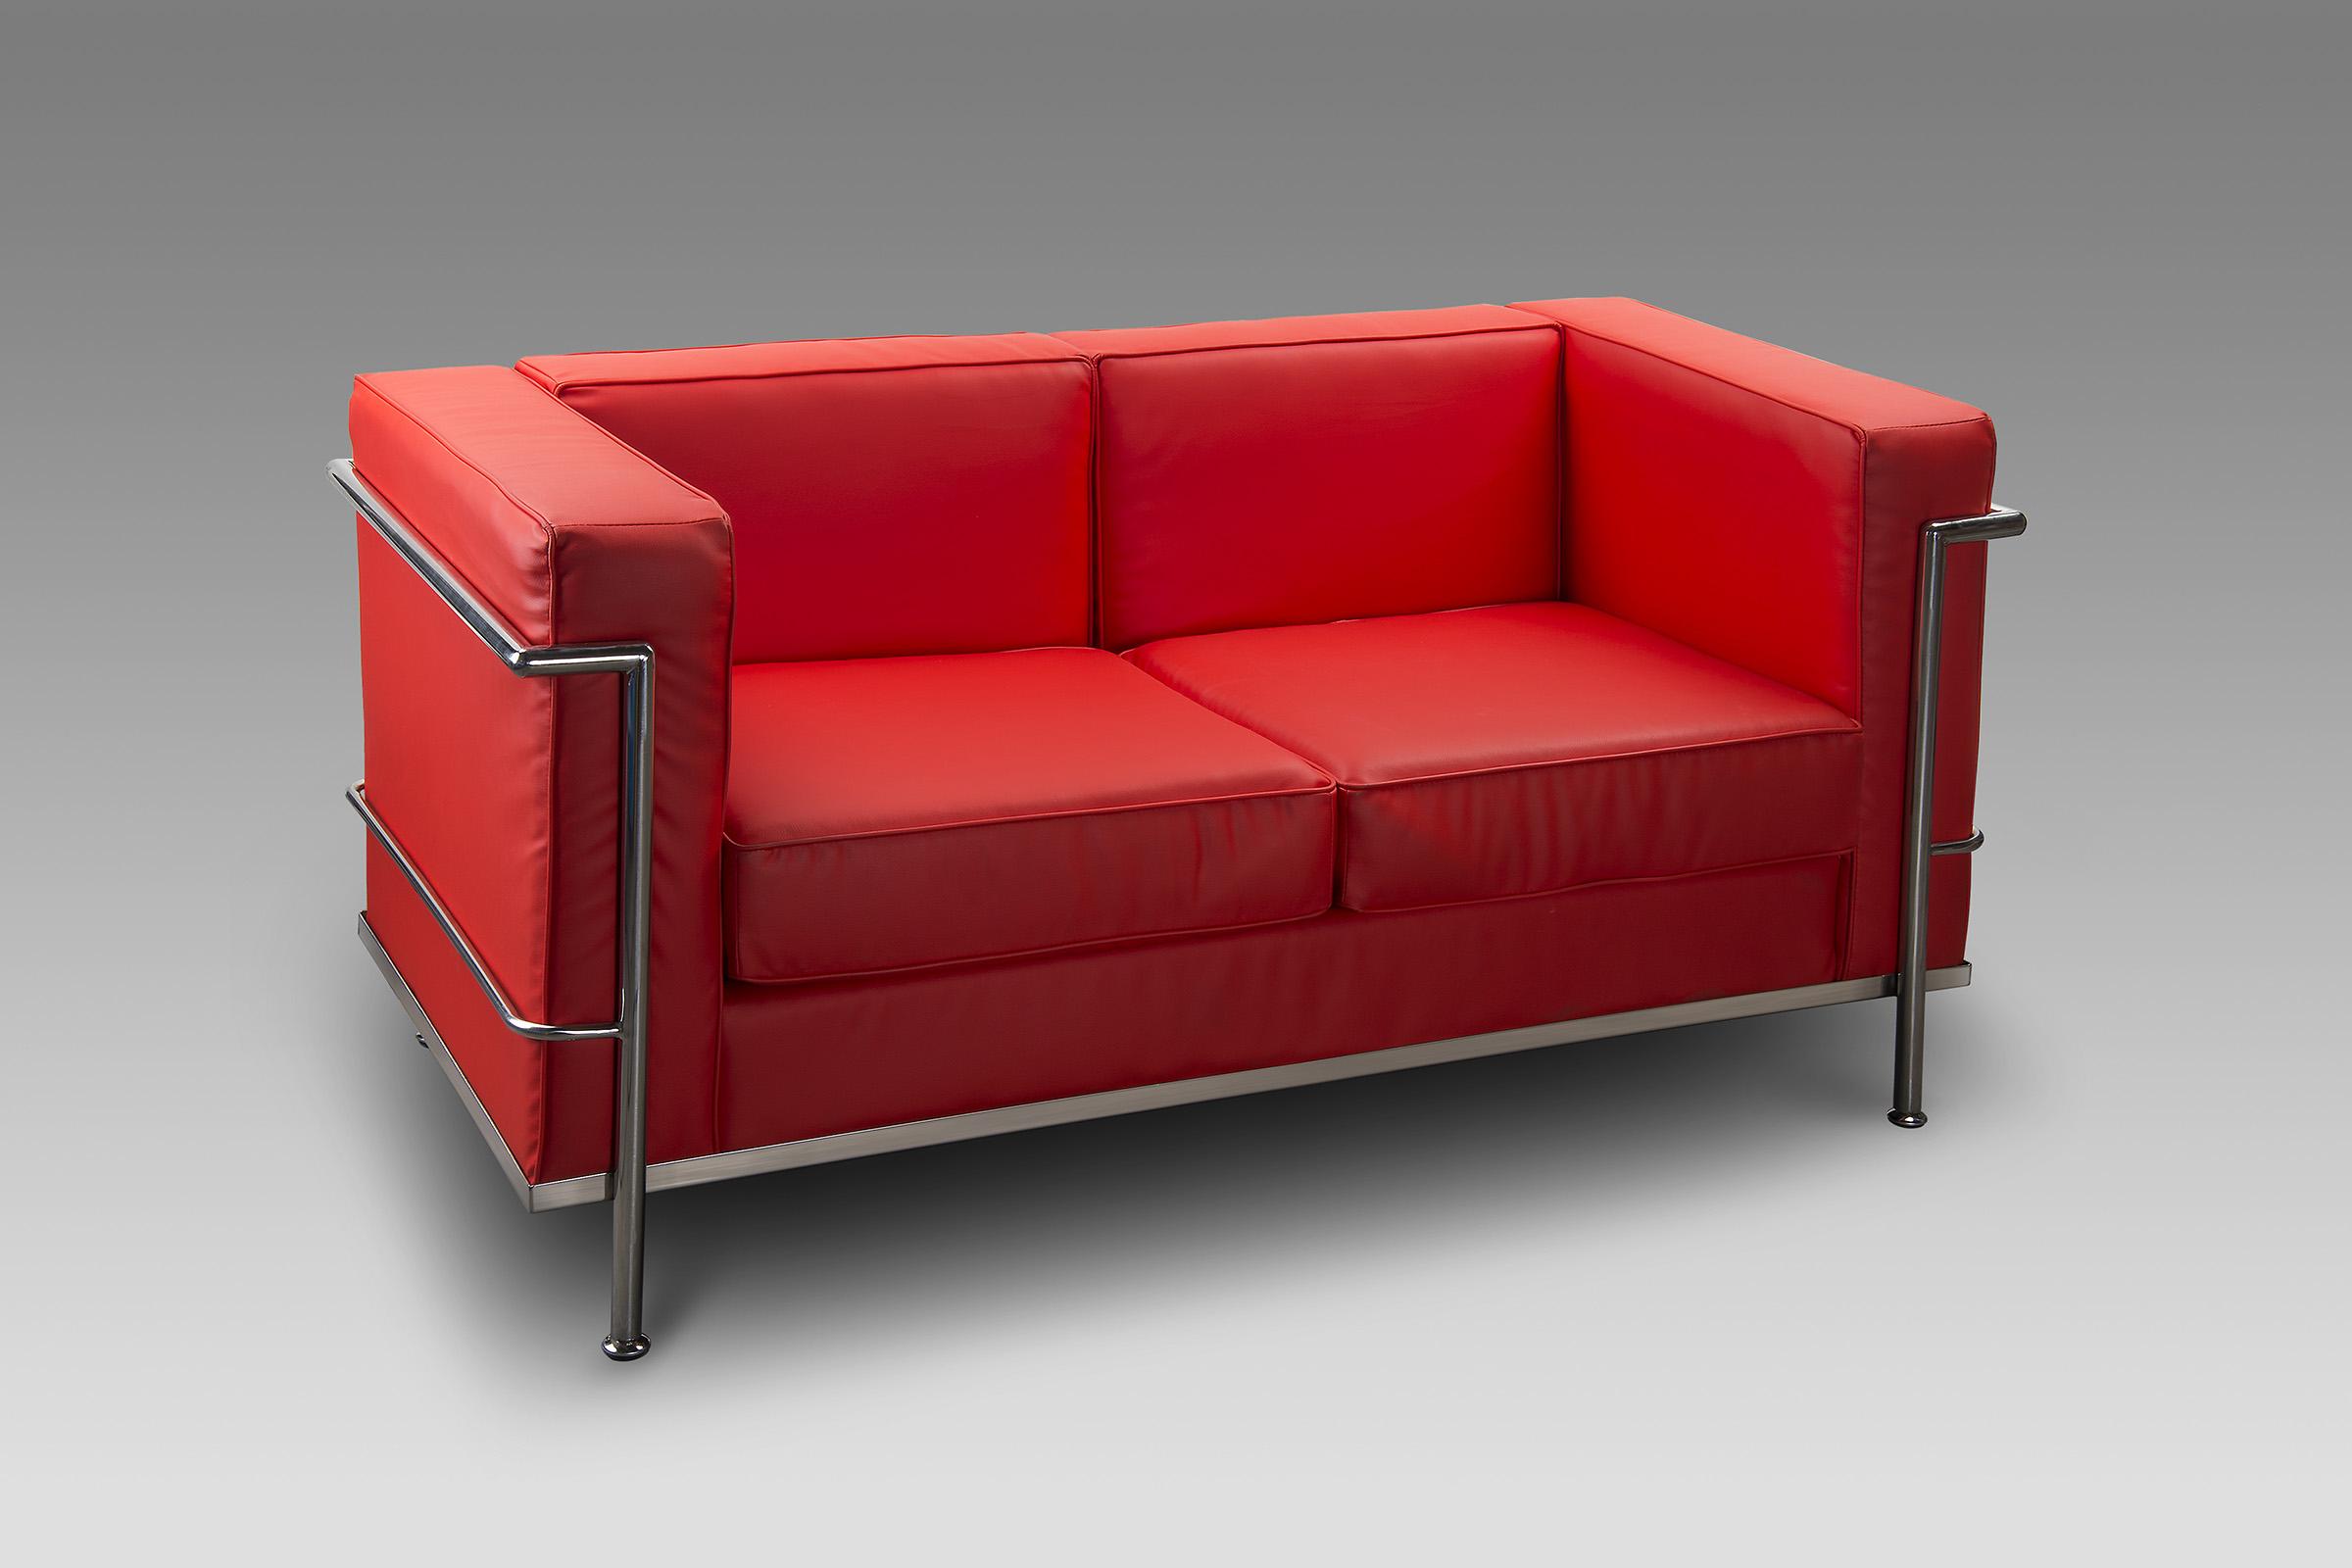 Divano Rosso Ecopelle : Sedute ecopelle e imbottite : divano milano ecopelle rosso 2 posti